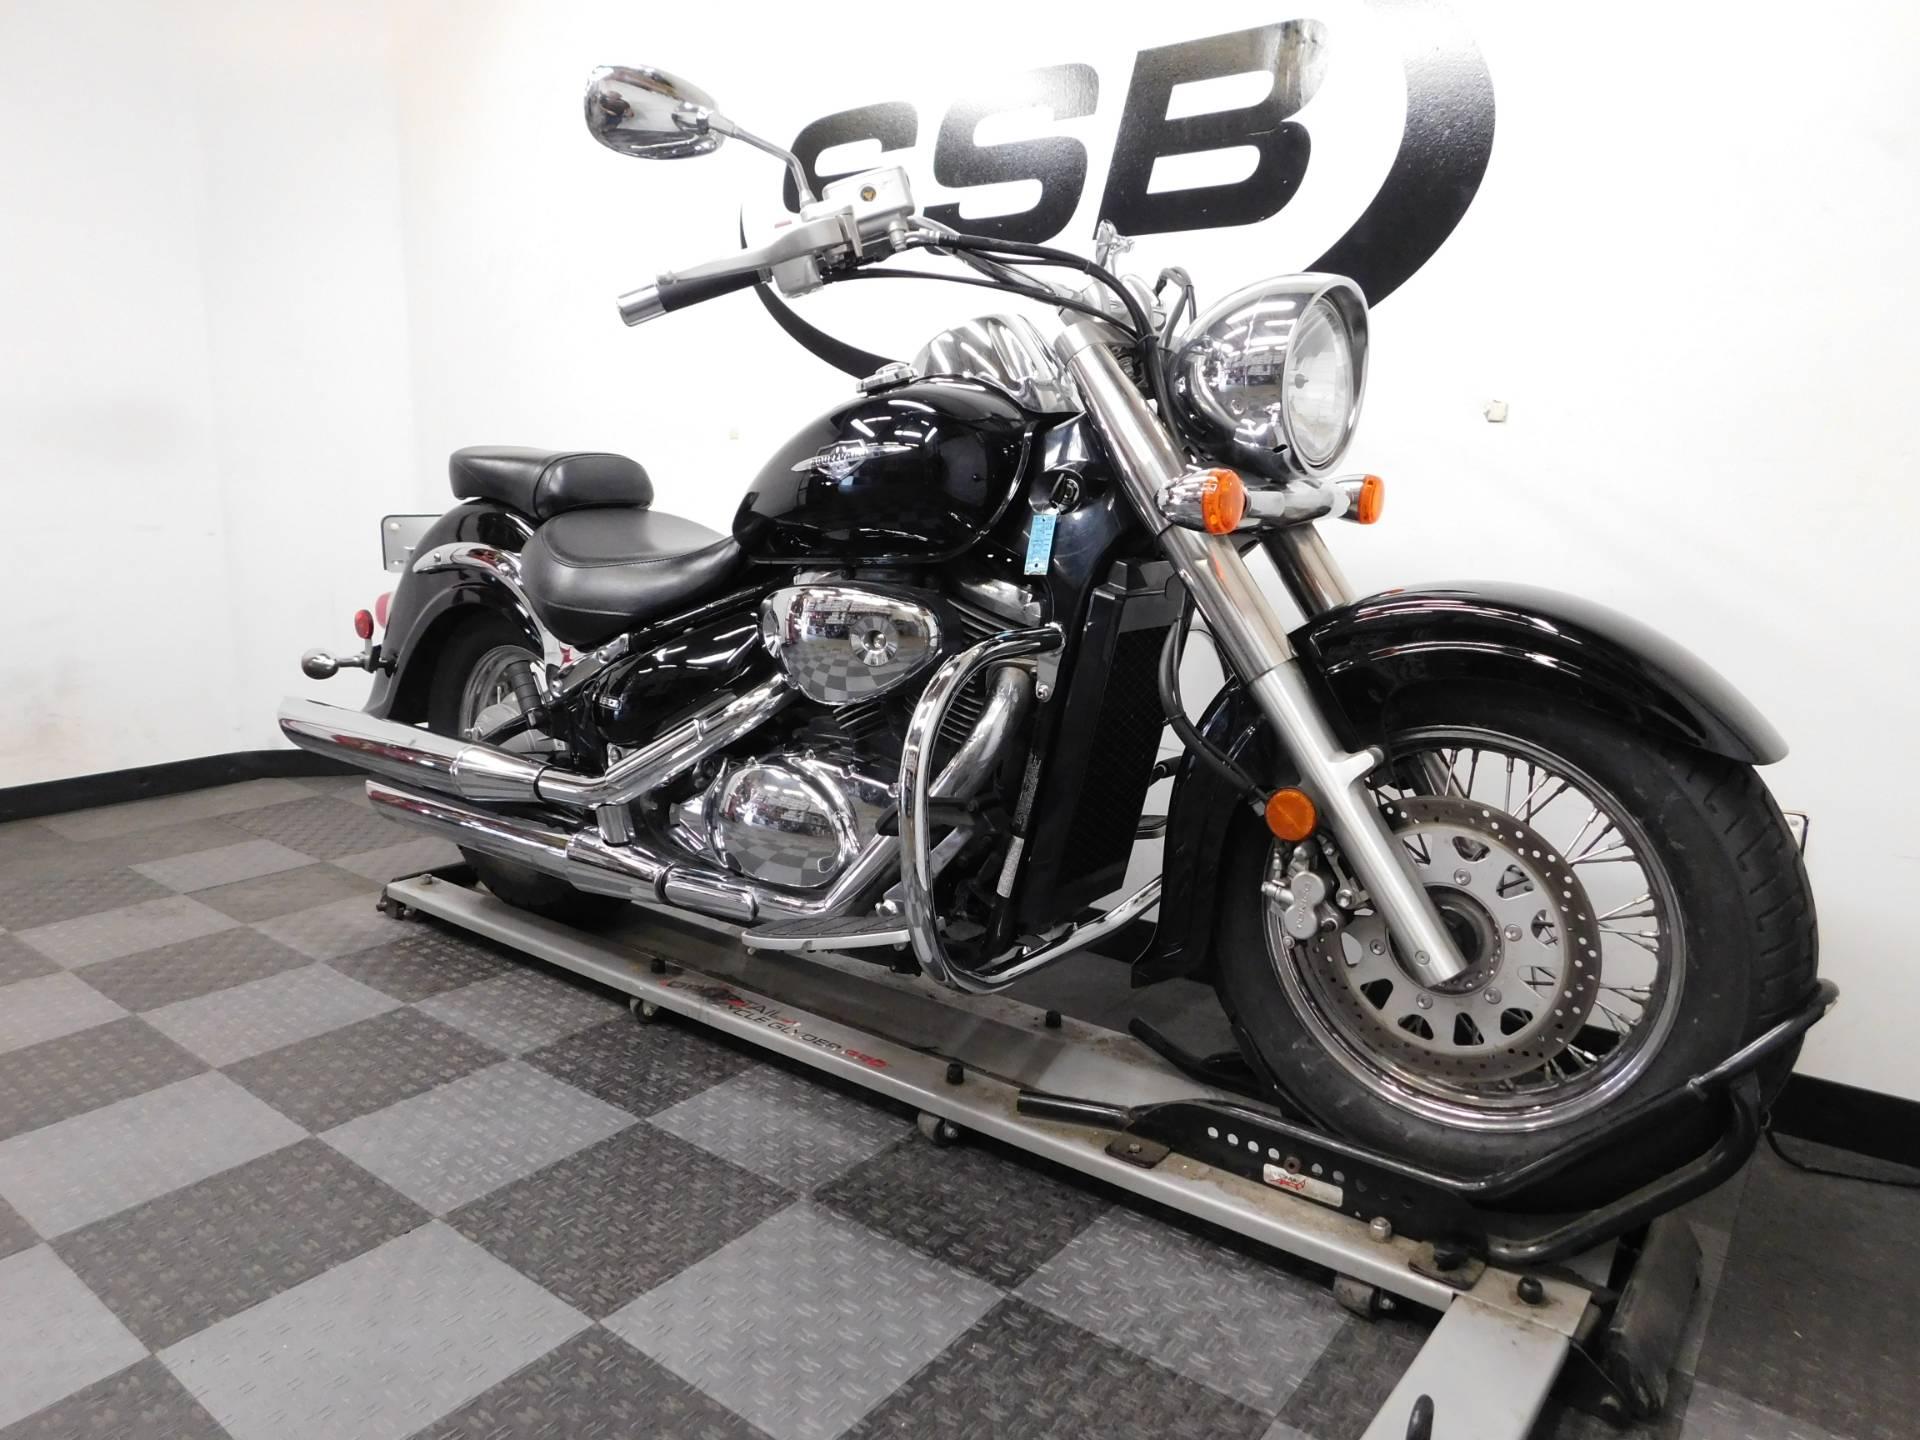 Used 2008 Suzuki Boulevard C50 Black Motorcycles in Eden Prairie, MN ...